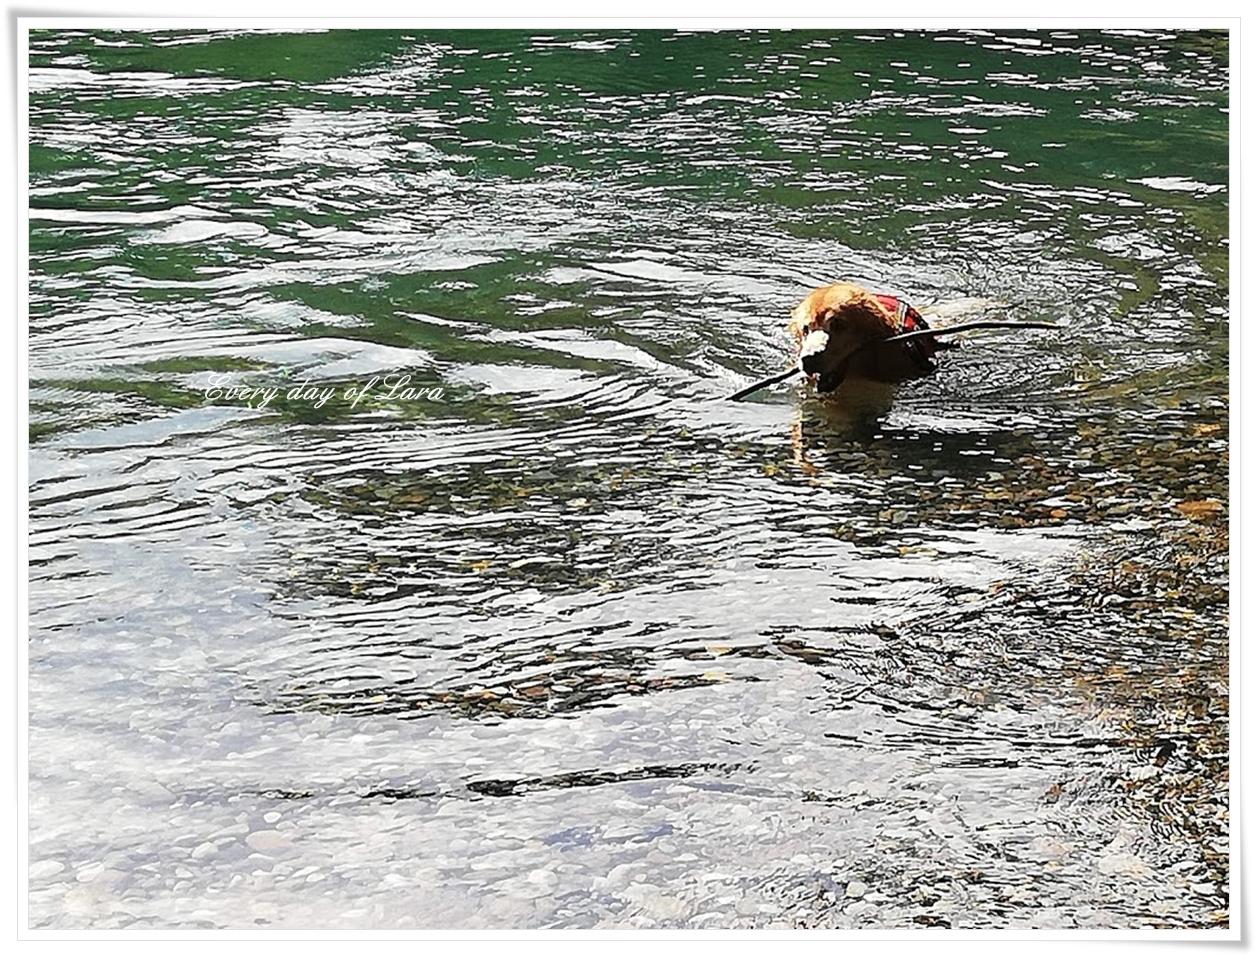 川で泳ぐララの楽しそうな姿